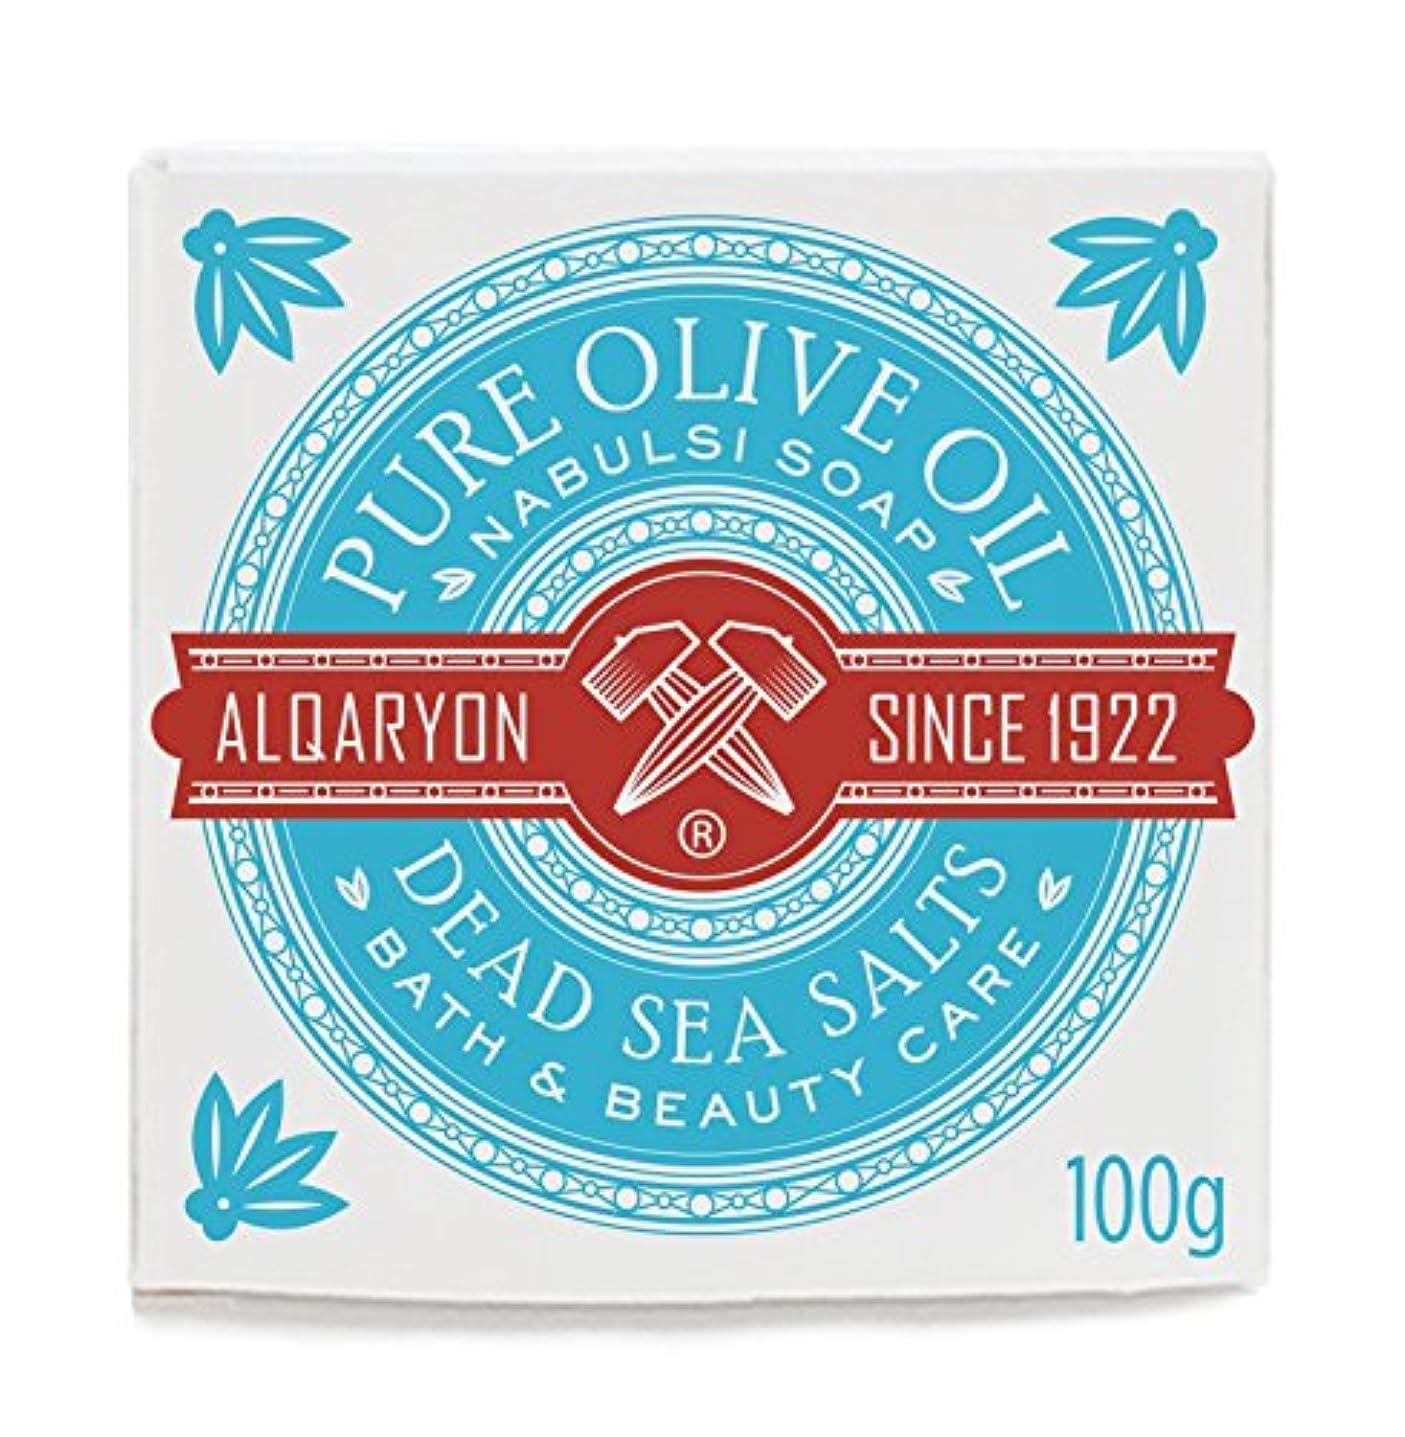 物理学者頭痛ブレーキAlqaryon Dead Sea Salts & Olive Oil Bar Soap, Pack of 4 Bars 100g- Alqaryonの死海で取れる塩&オリーブオイル ソープ、バス & ビューティー ケア...